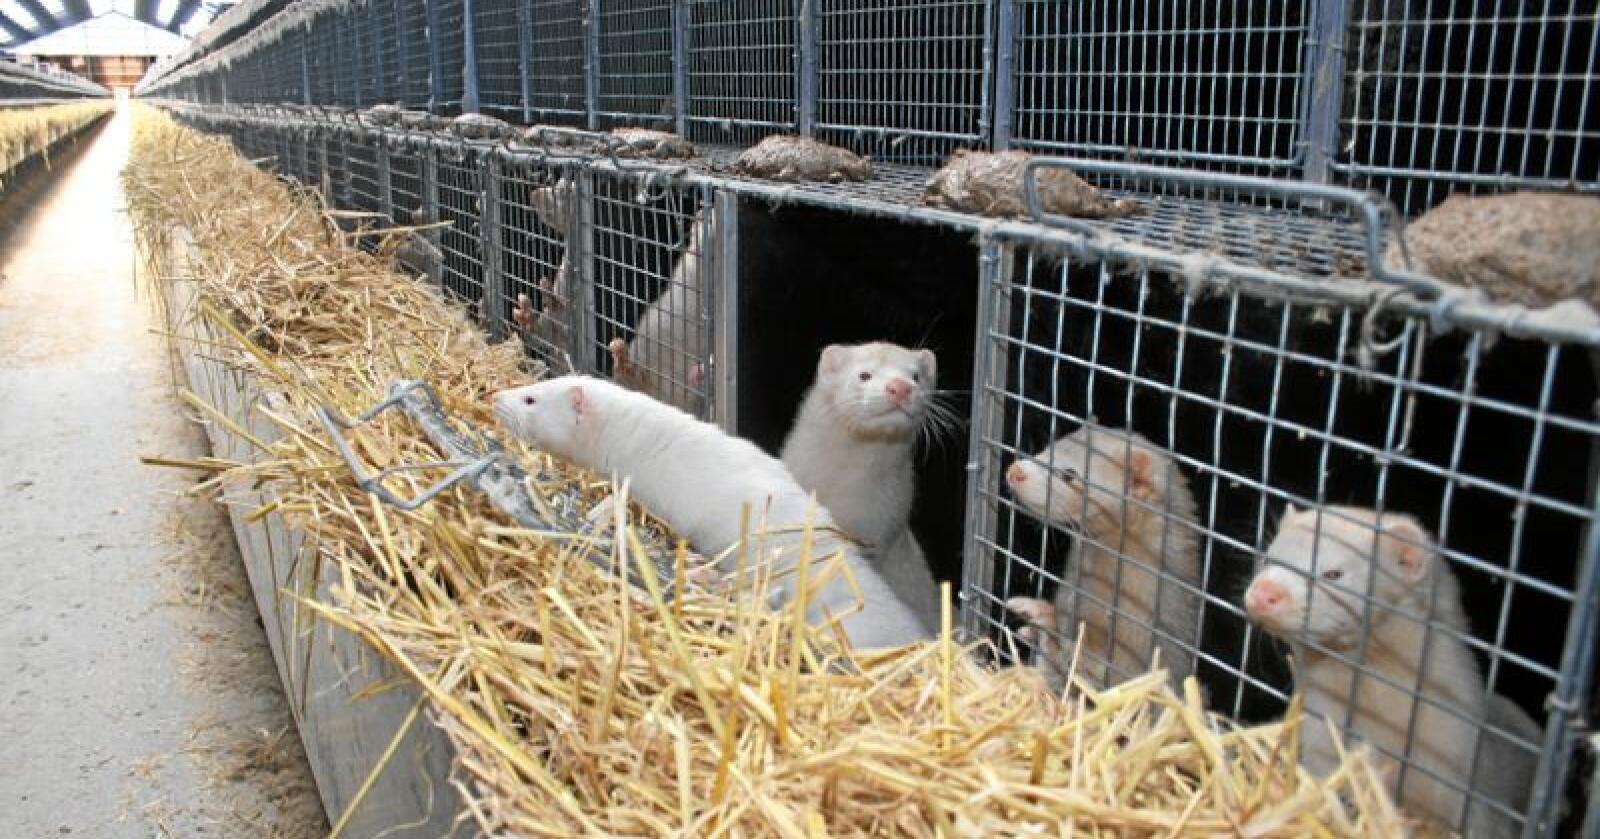 Kompensasjonskutt: Måten regjeringa har innretta kompensasjonen til pelsdyrbøndene gjer at beløpet blir mindre og mindre for kvart år. Det har fleire uheldige sider, ifølgje bank. Foto: Bjarne Bekkeheien Aase